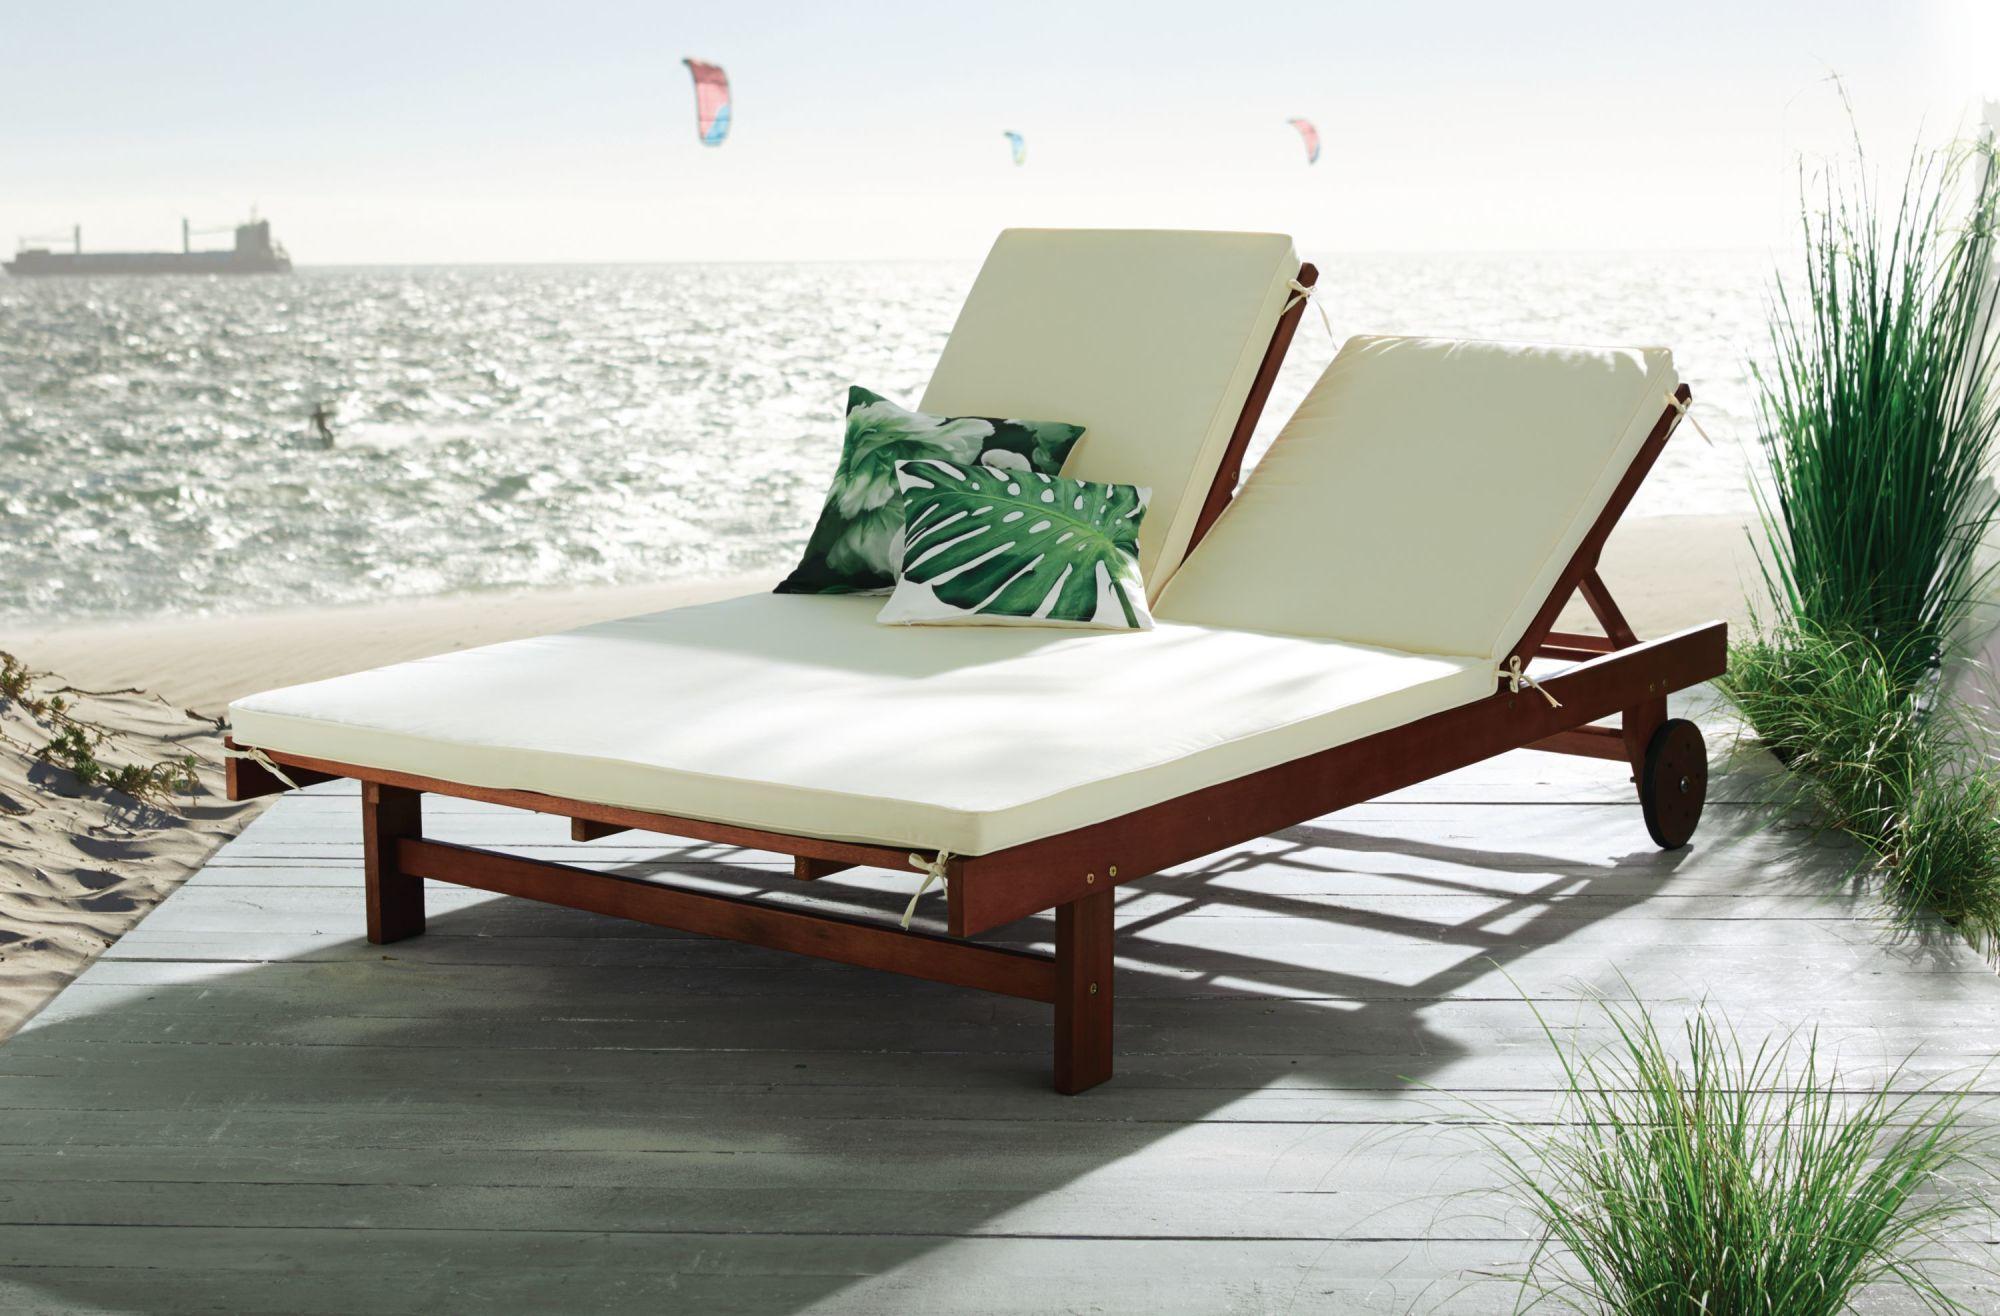 Sonnenliege holz mit auflage  Gartenliege Duo, für 2 Personen verstellbare Rückenlehnen 2 Räder ...